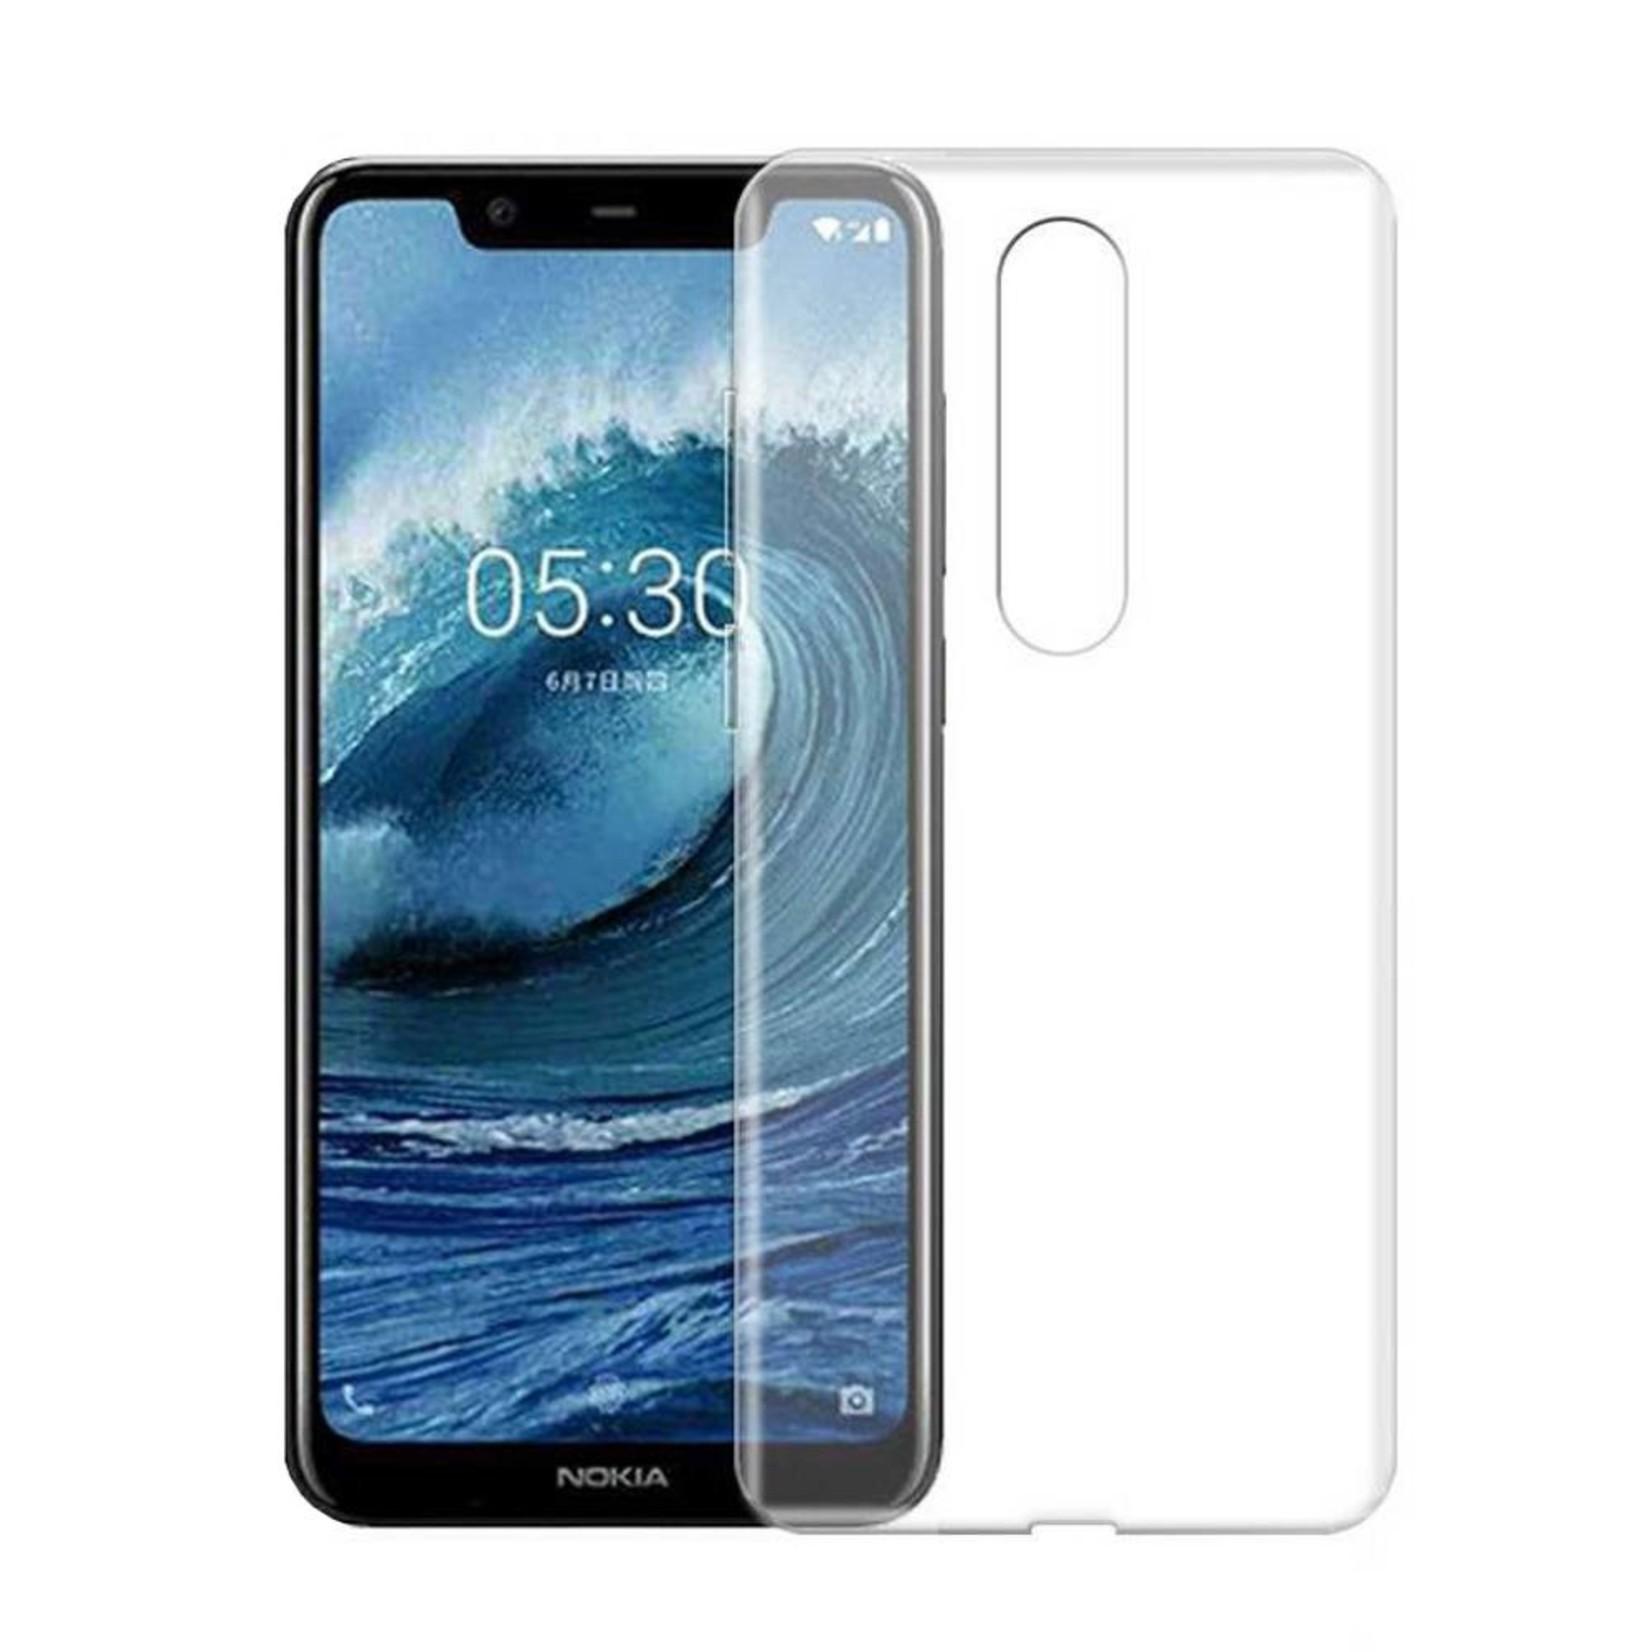 Colorfone Hoesje CoolSkin3T voor Nokia 5.1 Plus Tr. Wit